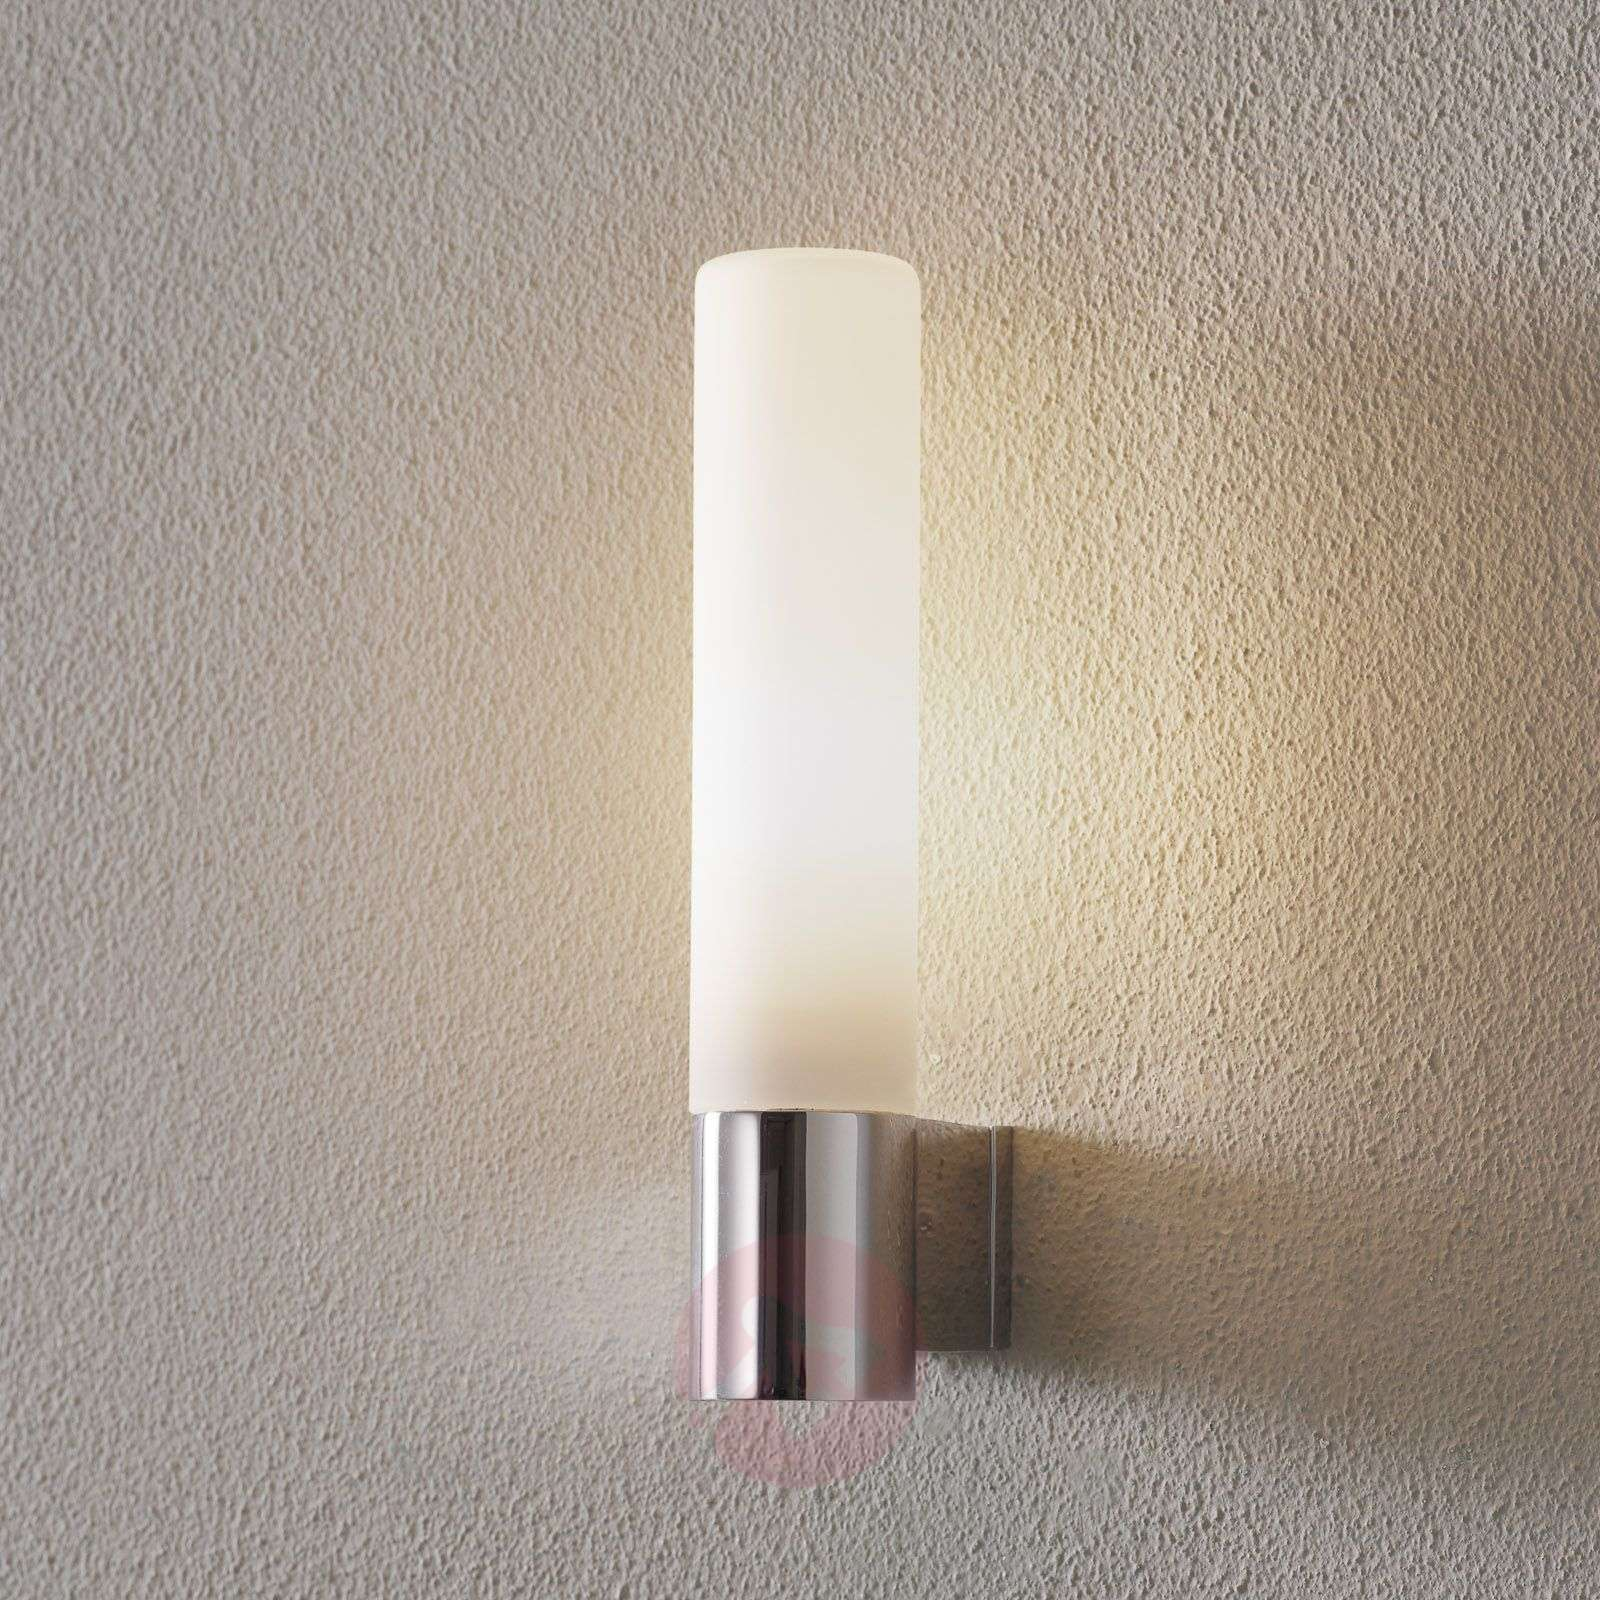 Astro Bari – kylpyhuoneen seinävalaisin, kromi-1020012-02